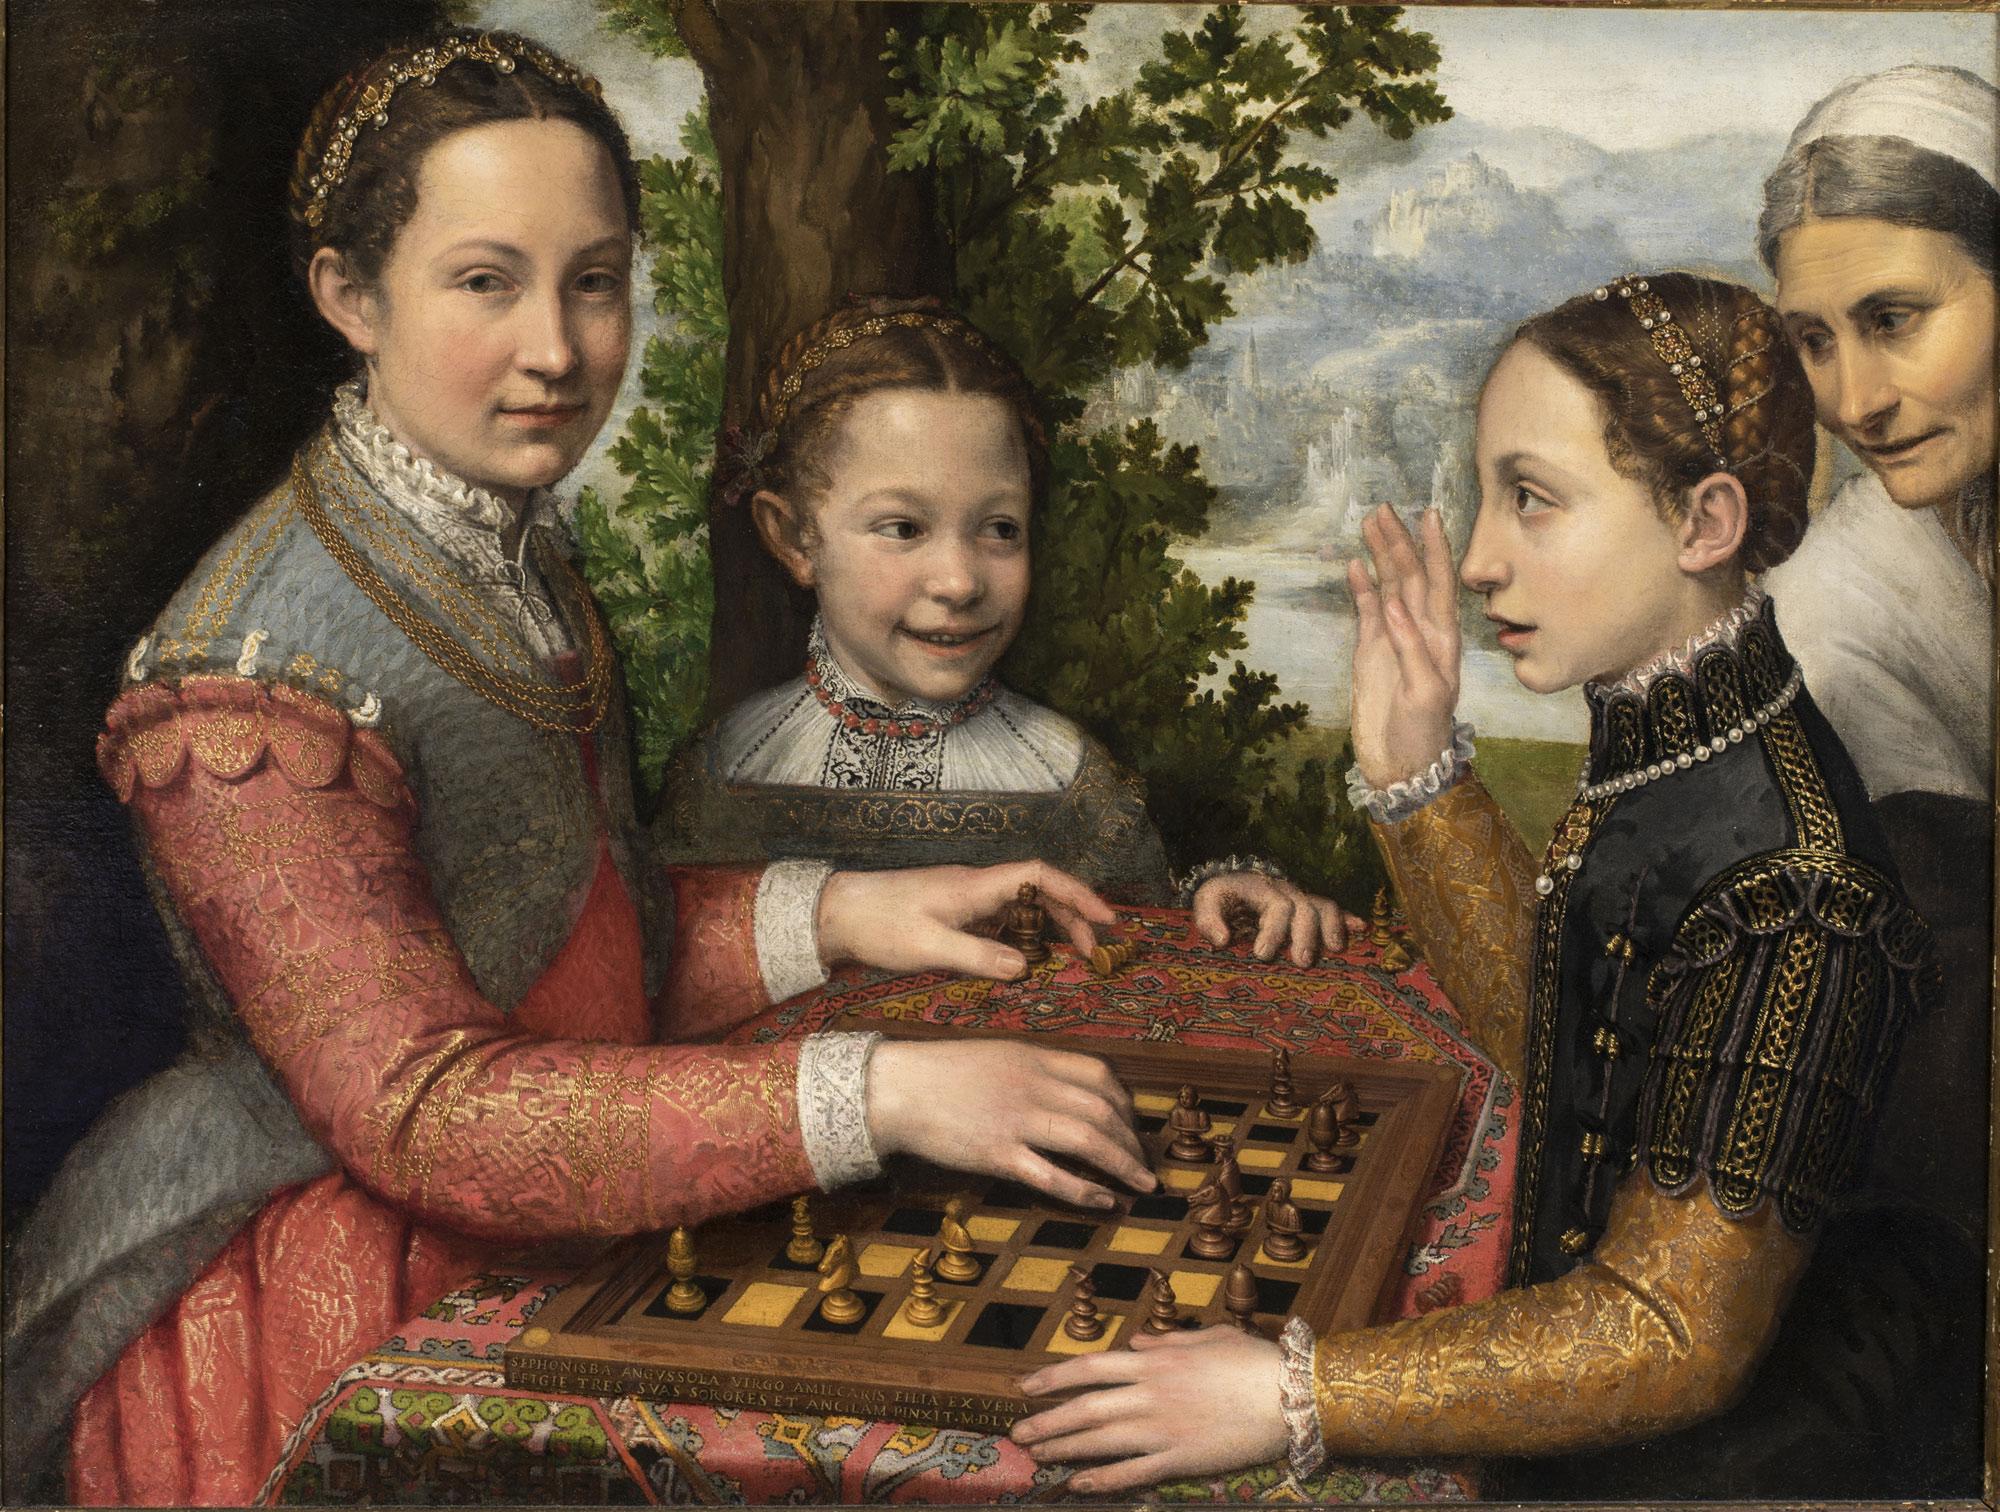 Sofonisba Anguissola, Partita a scacchi (1555; olio su tela, 70 x 94 cm; Poznań, Fundacja im. Raczyńskich przy Muzeum Narodowym w Poznaniu, MNP FR 434)